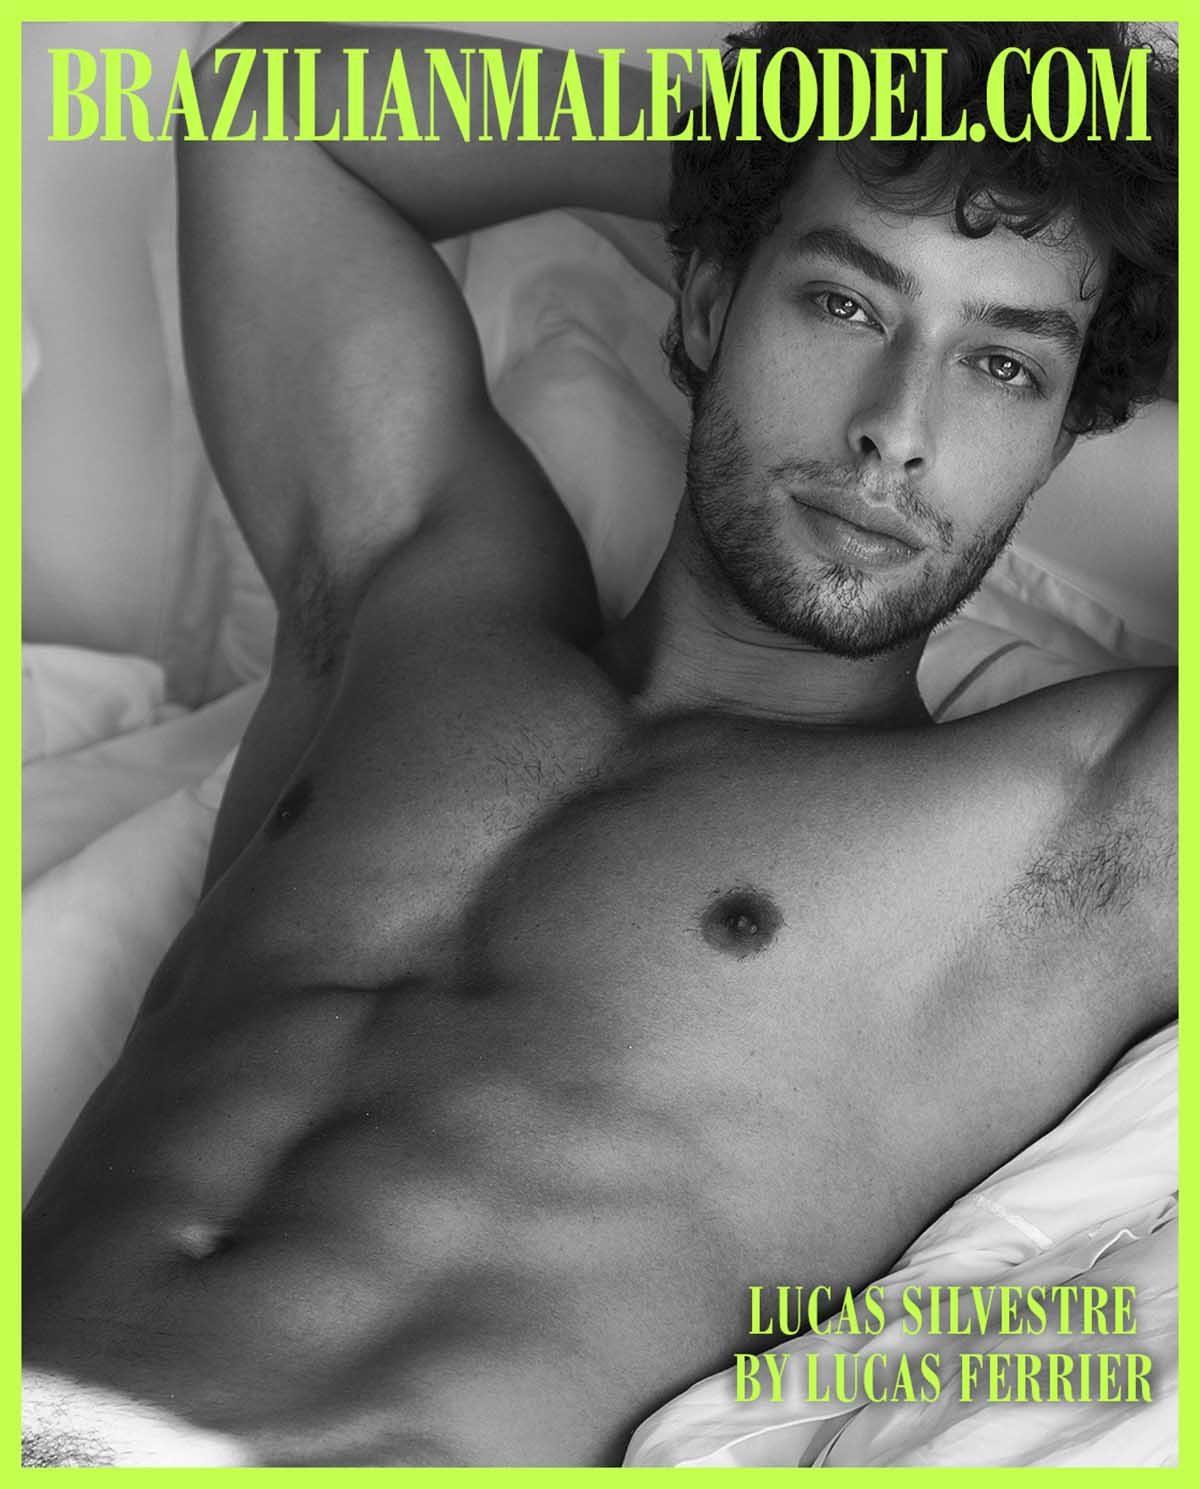 Lucas Silvestre by Lucas Ferrier